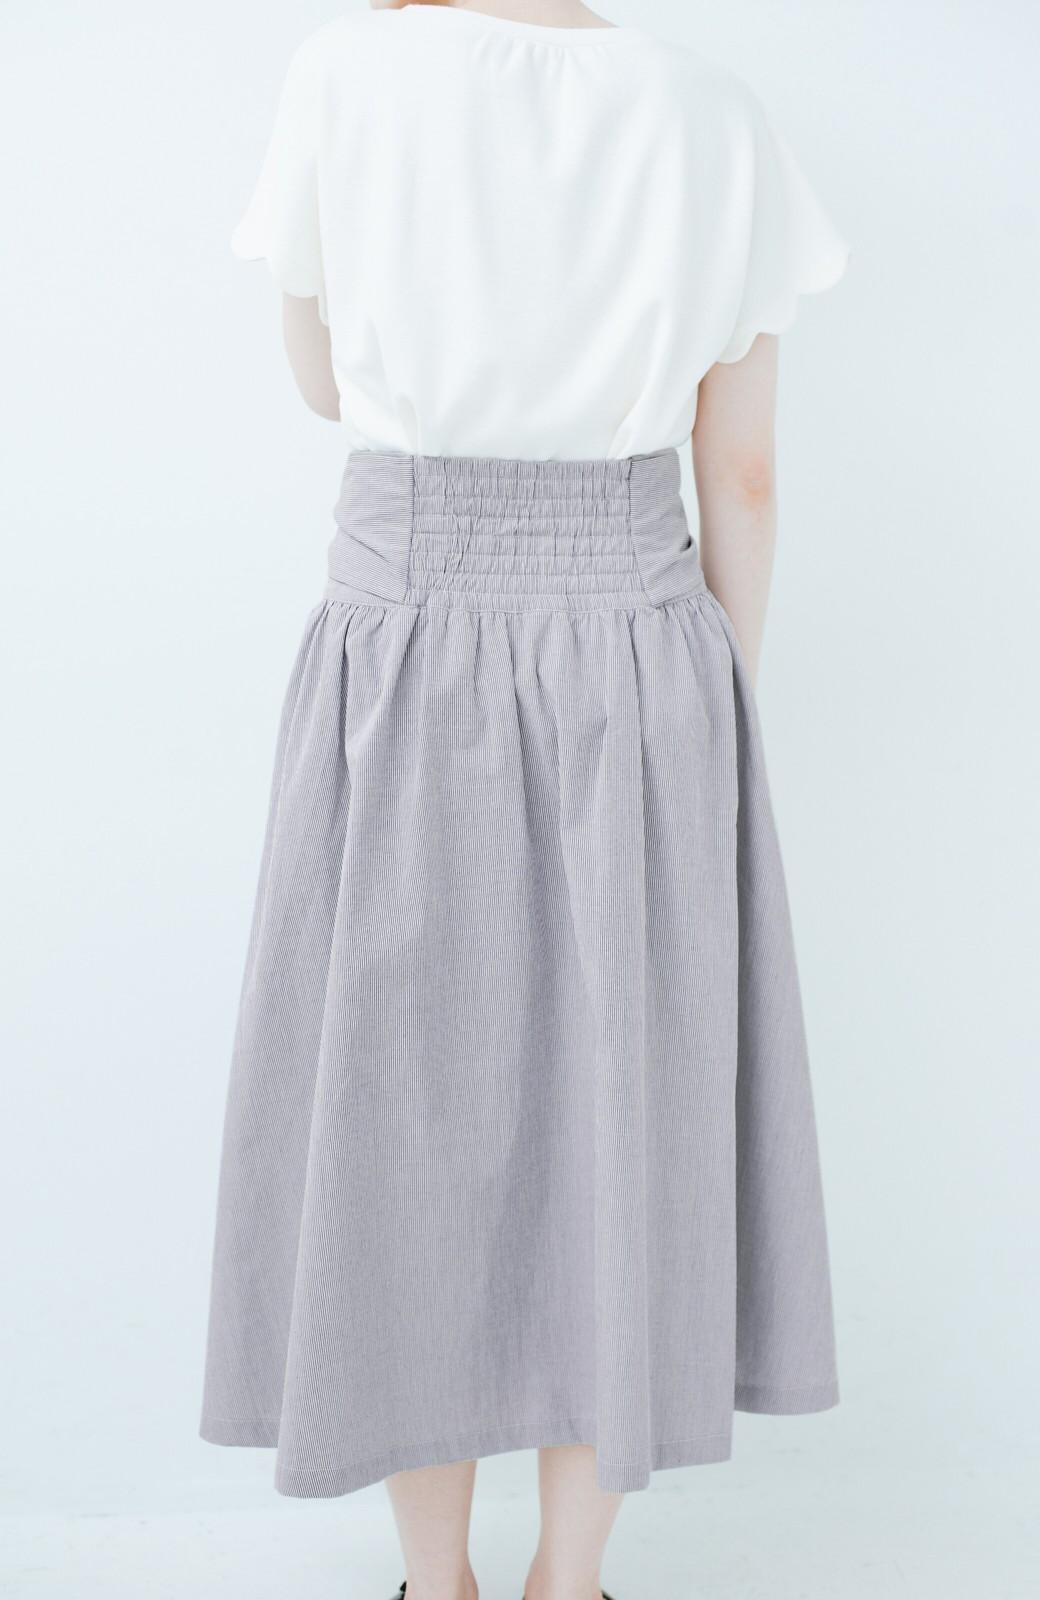 haco! Tシャツと合わせるだけでも女っぽが叶う ウエストリボンのストライプフレアースカート <ブラック系その他>の商品写真4